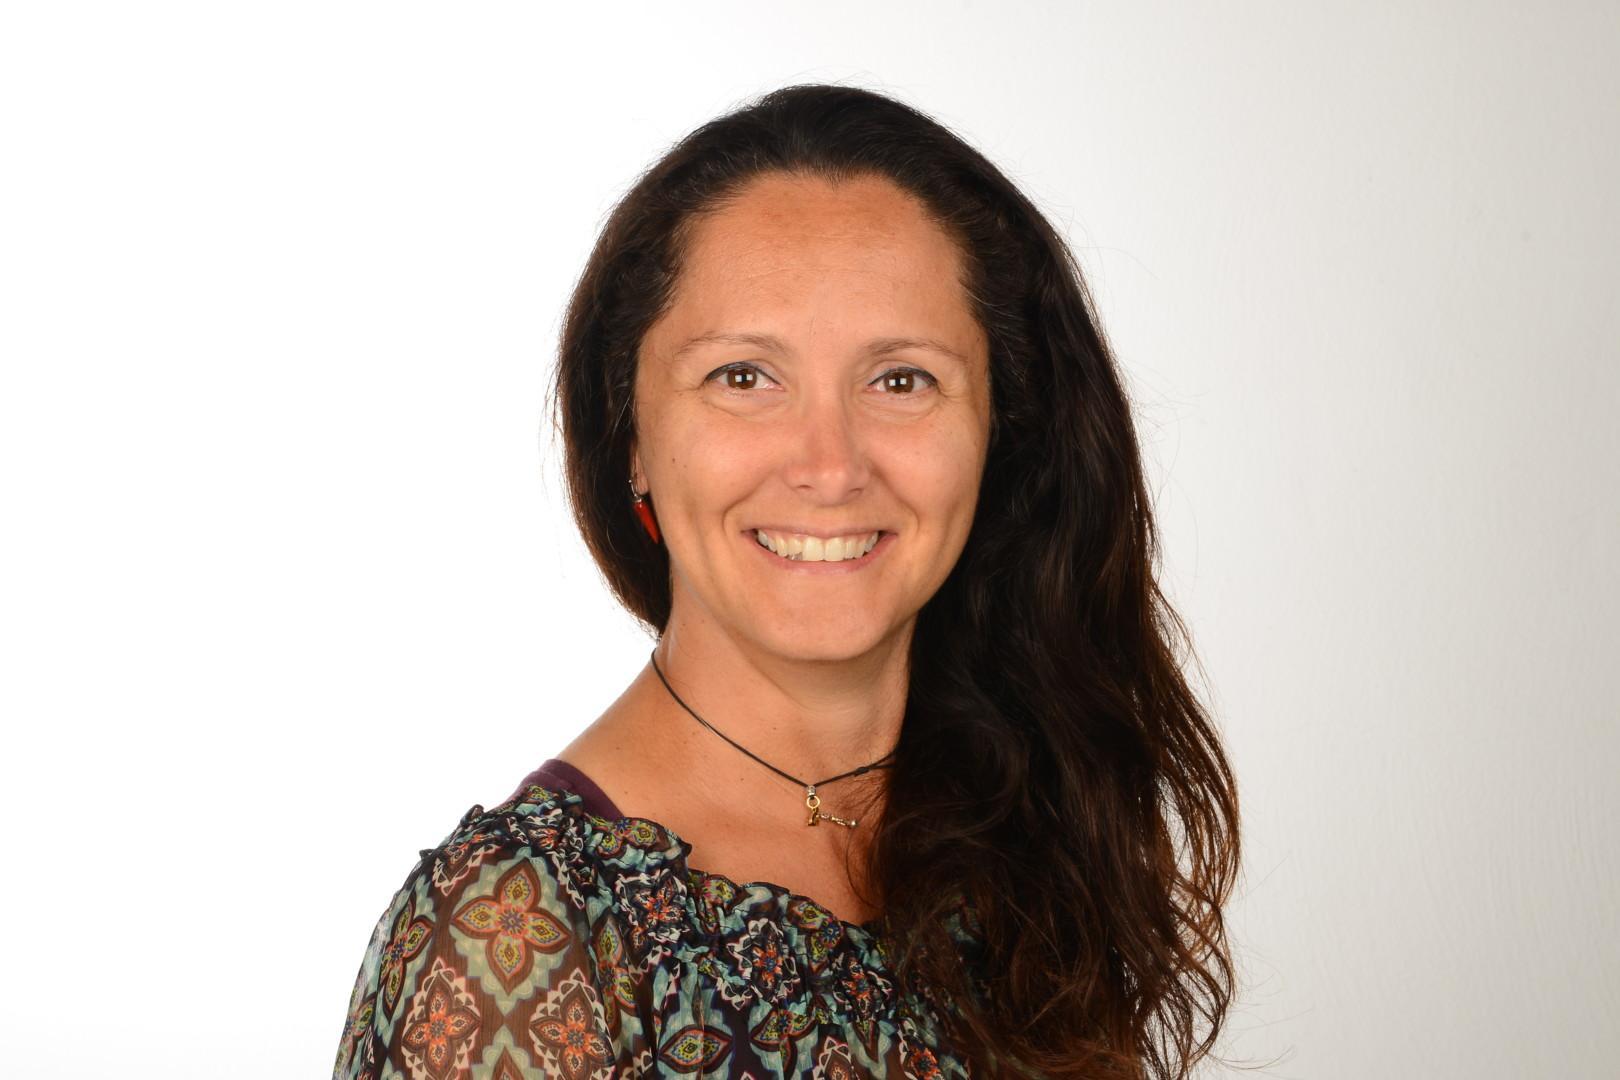 Amanda Livia BALTUZZI